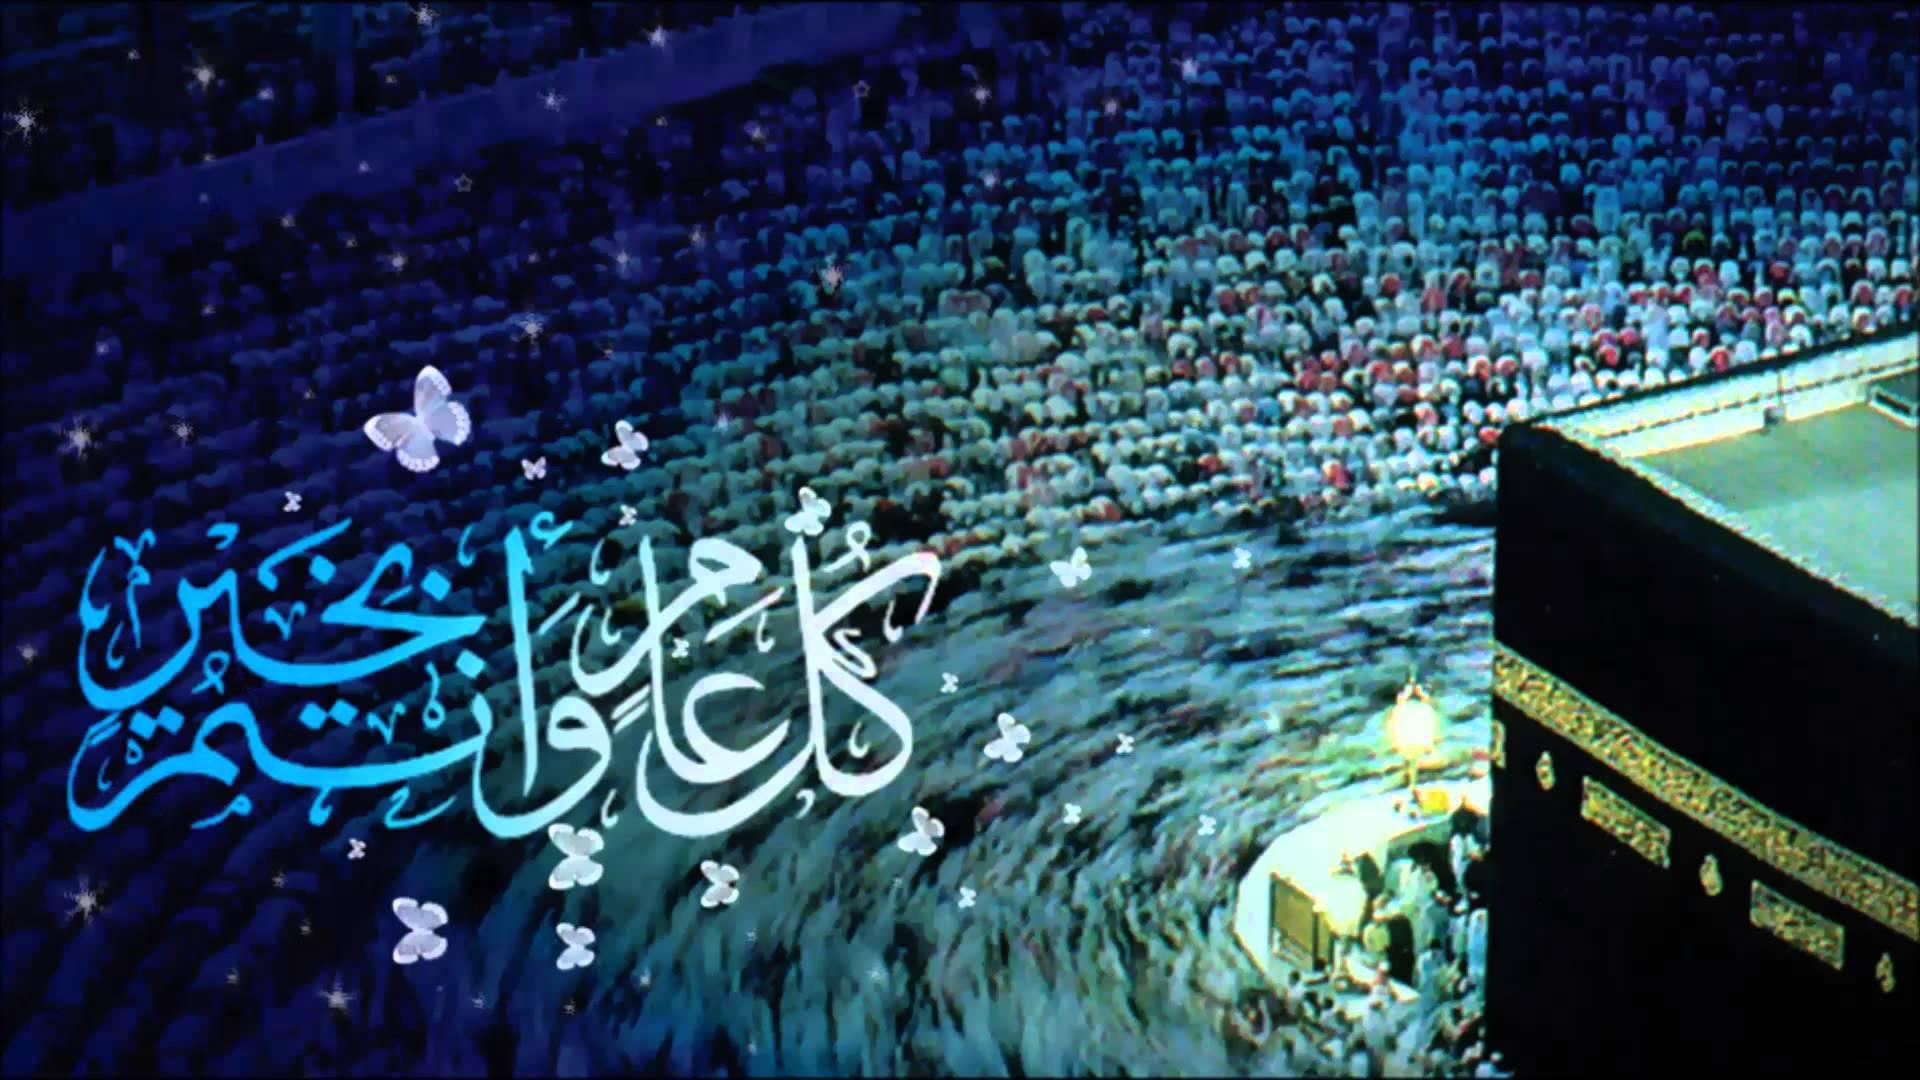 بالصور صور عيد الاضحى المبارك , اجدد صور عيد الاضحى المبارك 4714 5